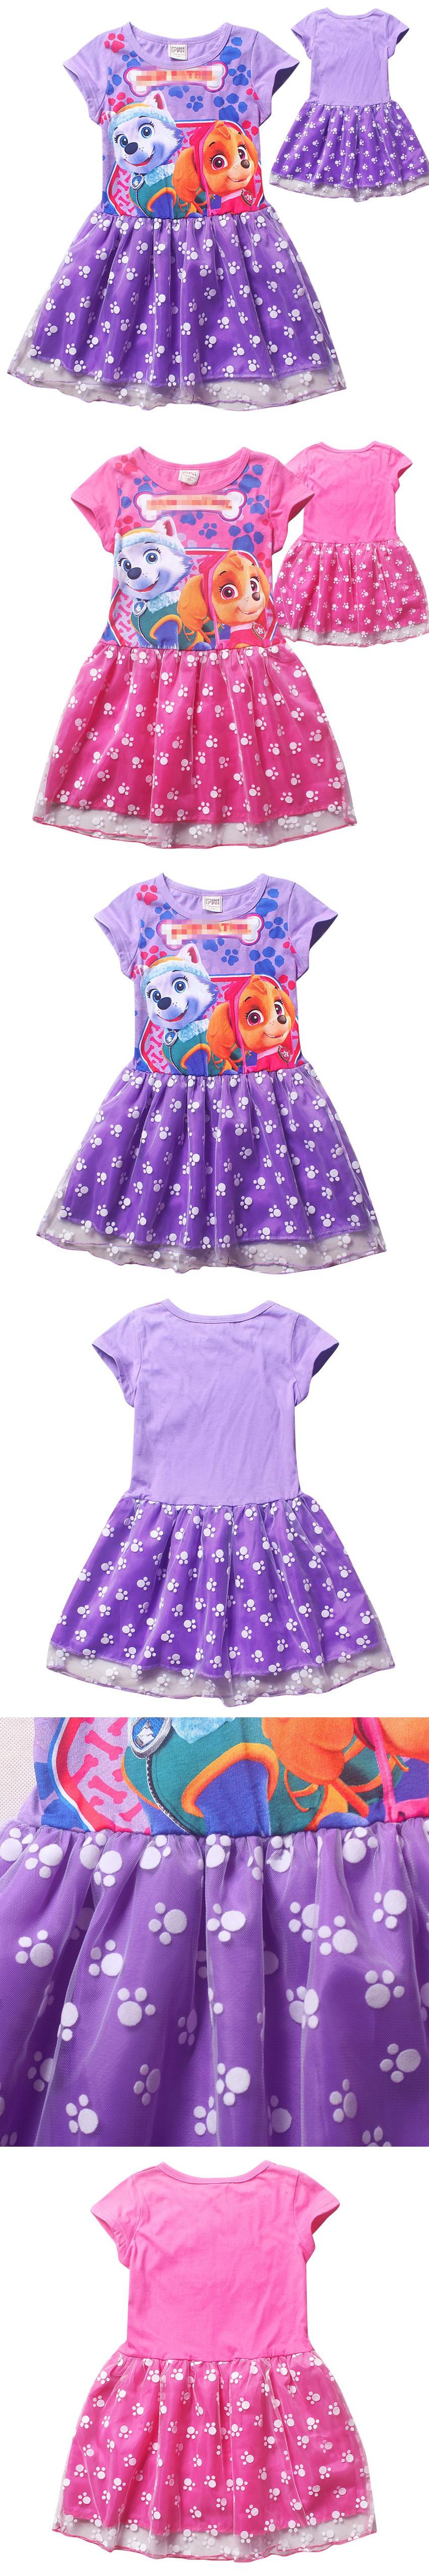 summer cartoon short sleeved dress kids girls princess dress